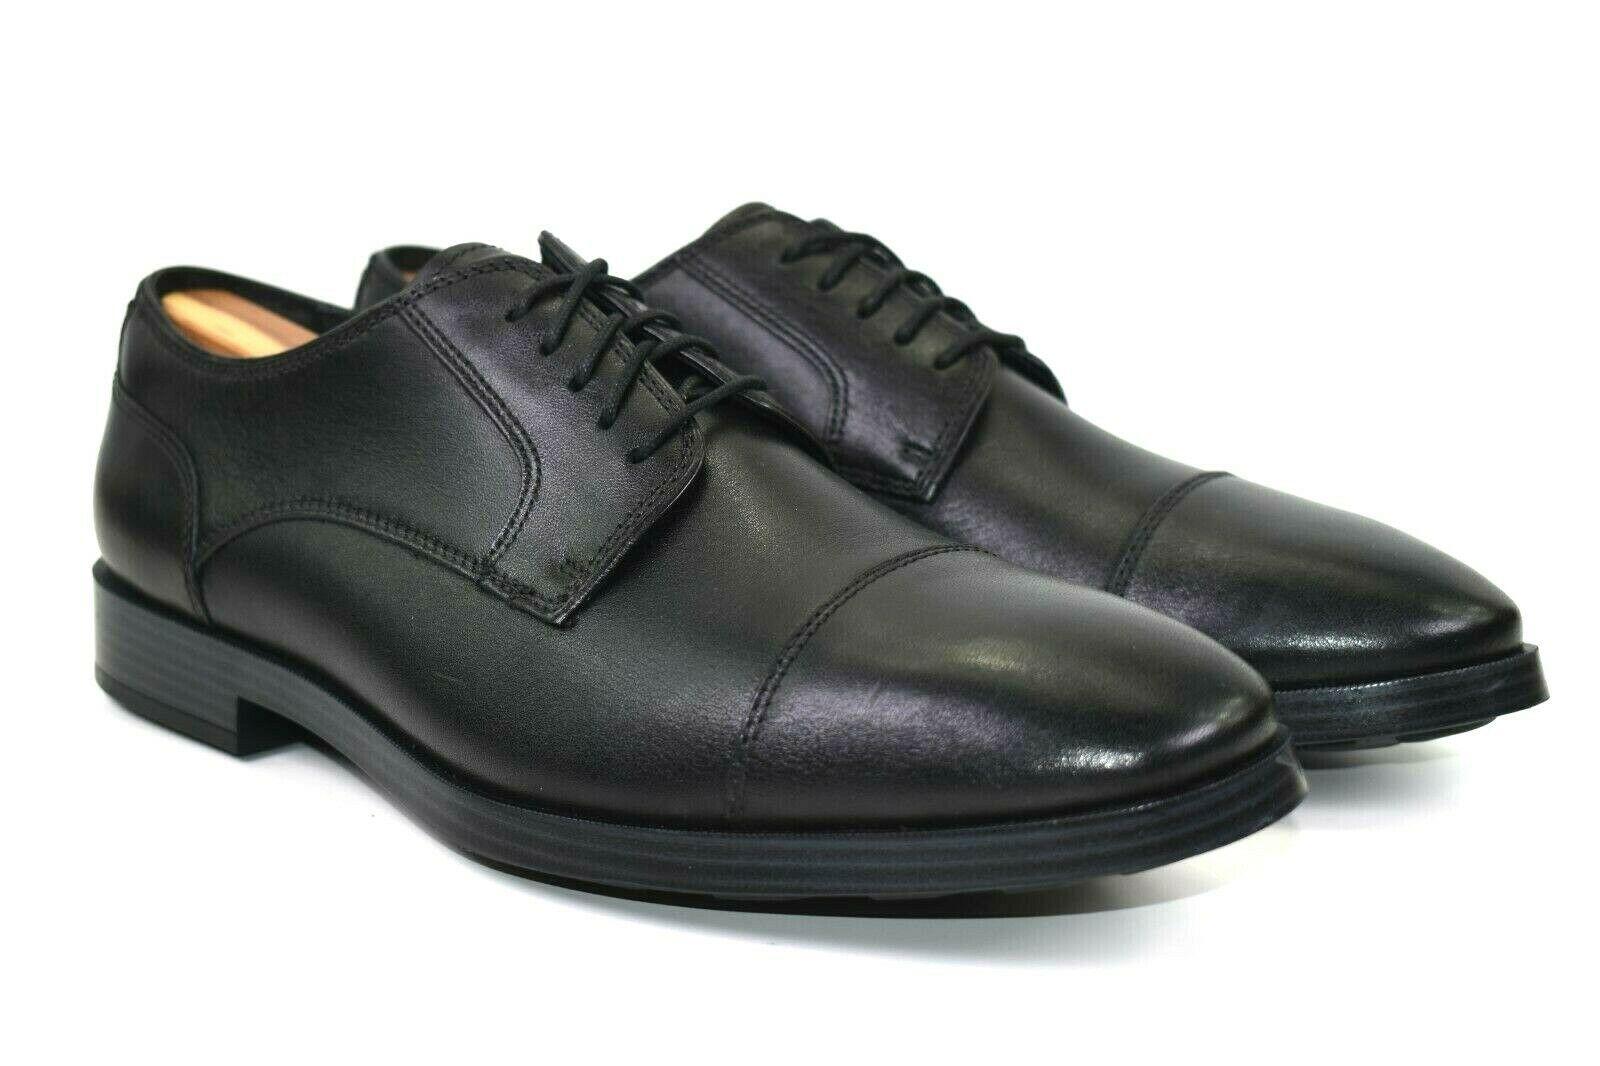 Cole Haan Jay Grand Men's Leather Cap Toe Oxfords Dress Shoes Size 9 M Reg $180 - $74.24